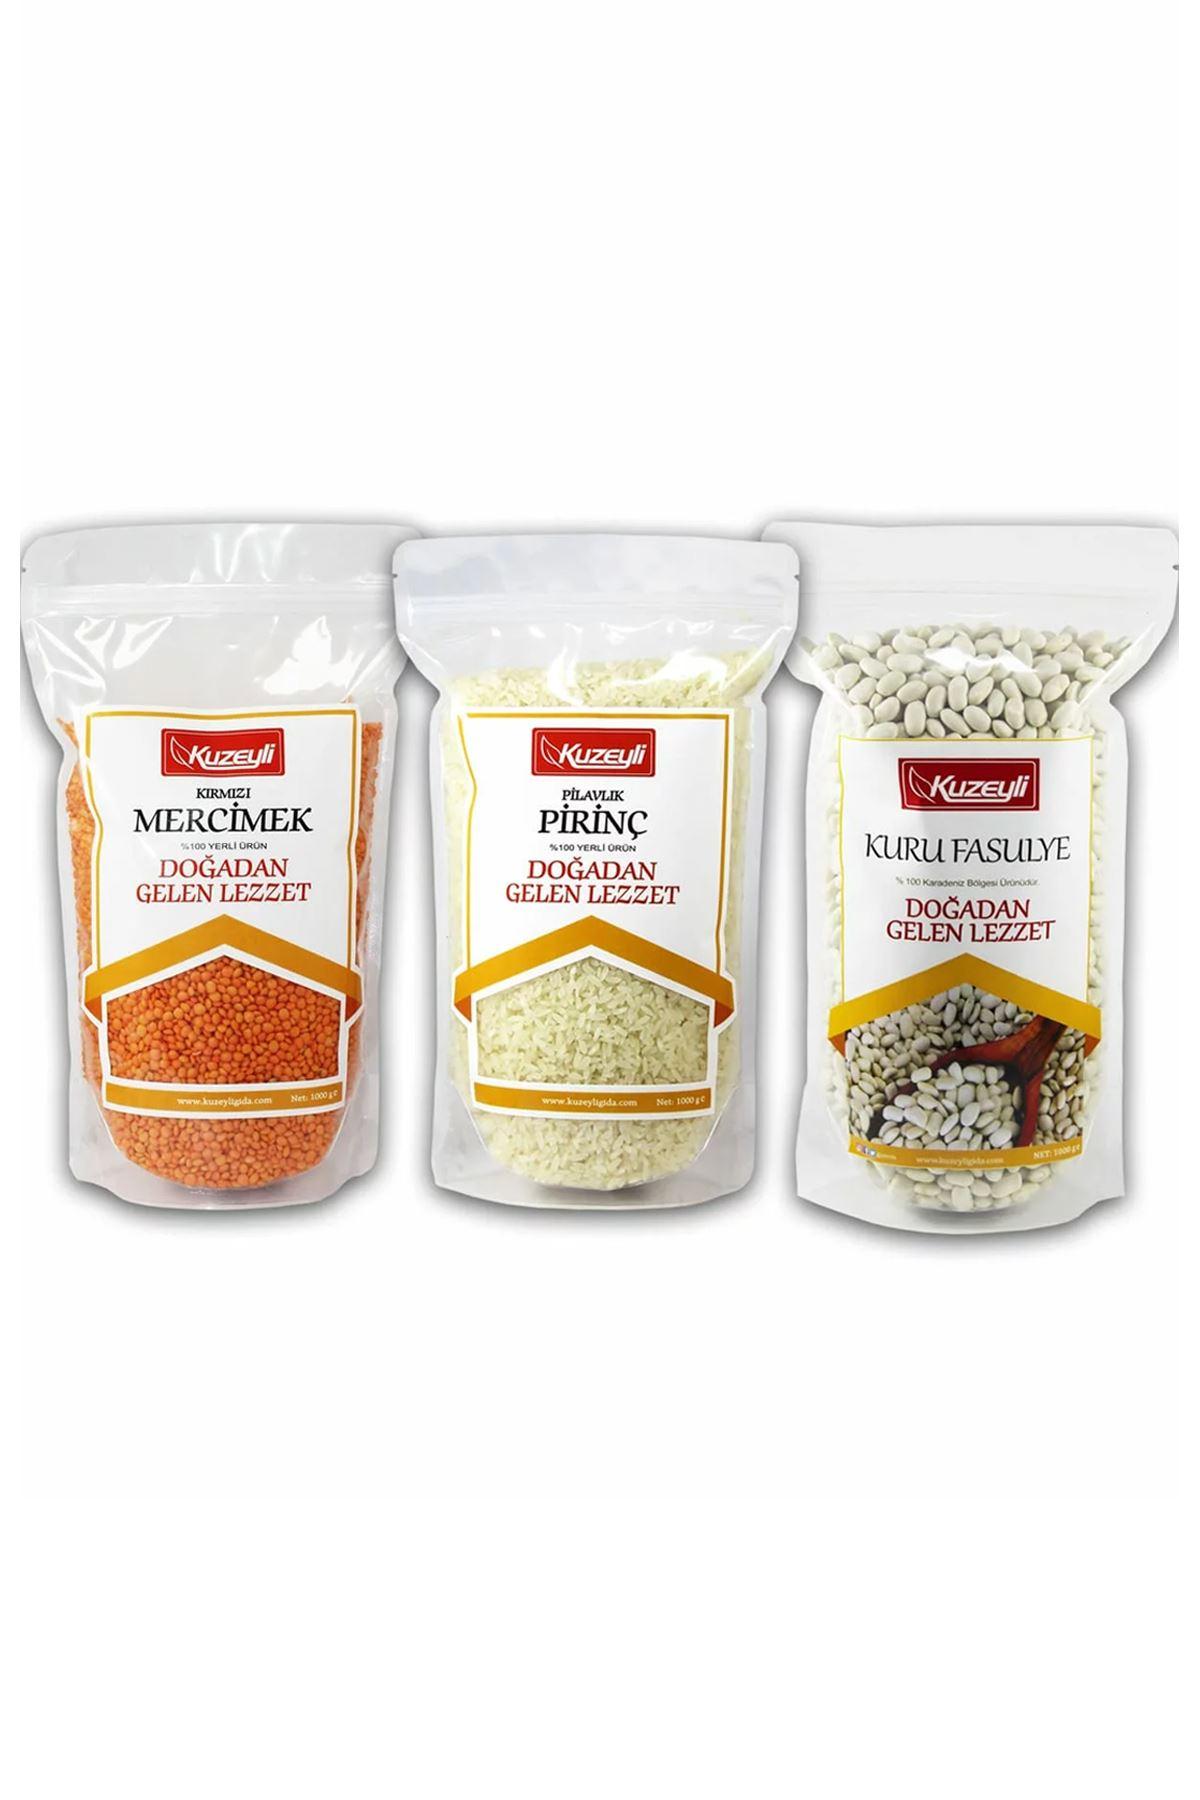 Muhteşem 3'lü - 1 kg Pirinç (yerli) 1 kg Kuru Fasulye (yerli) 1 kg Kırmızı Mercimek (yerli)